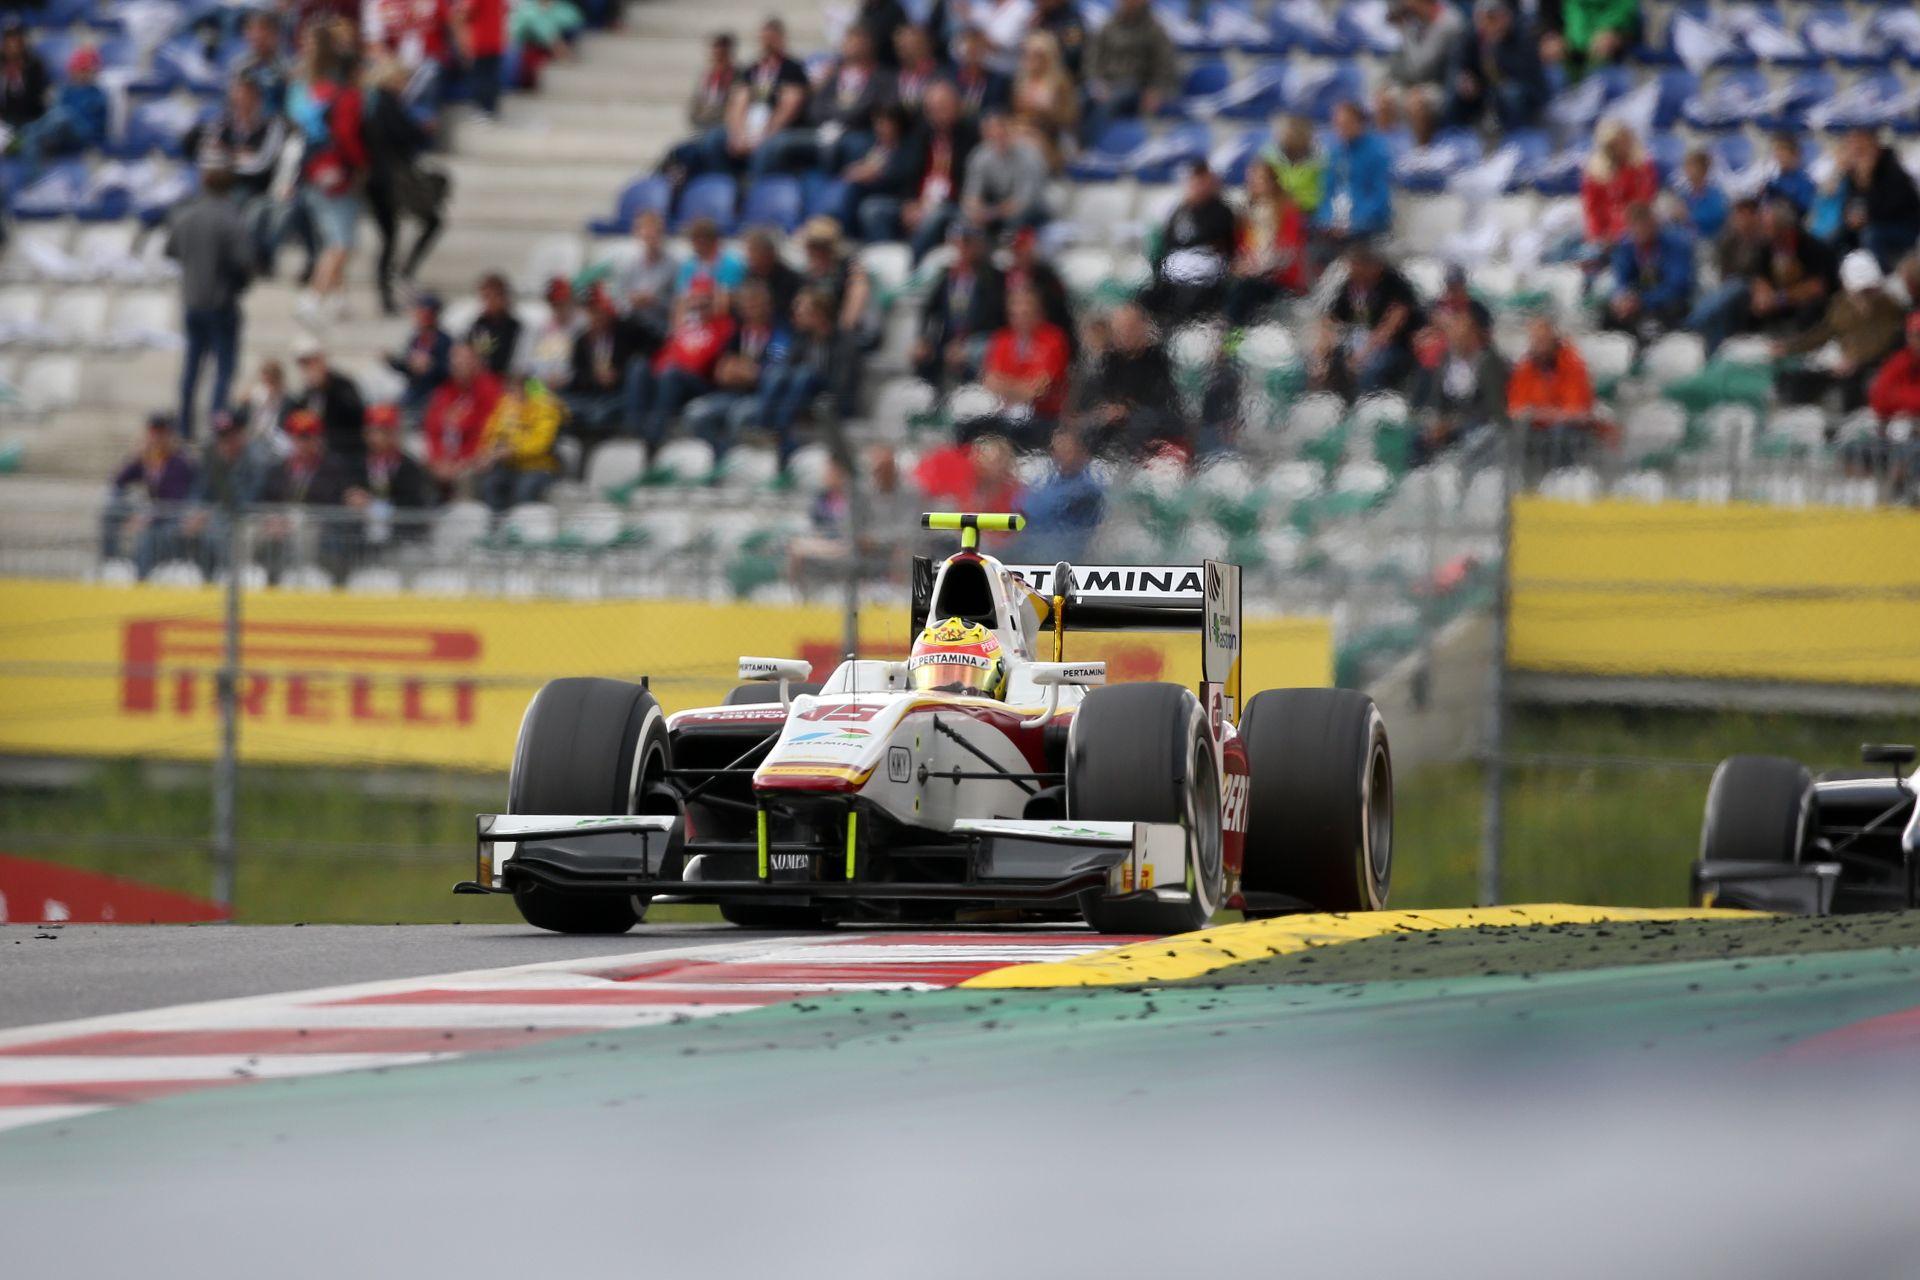 Az indonéz állam összedobta a pénzt Haryanto számára az F1-hez